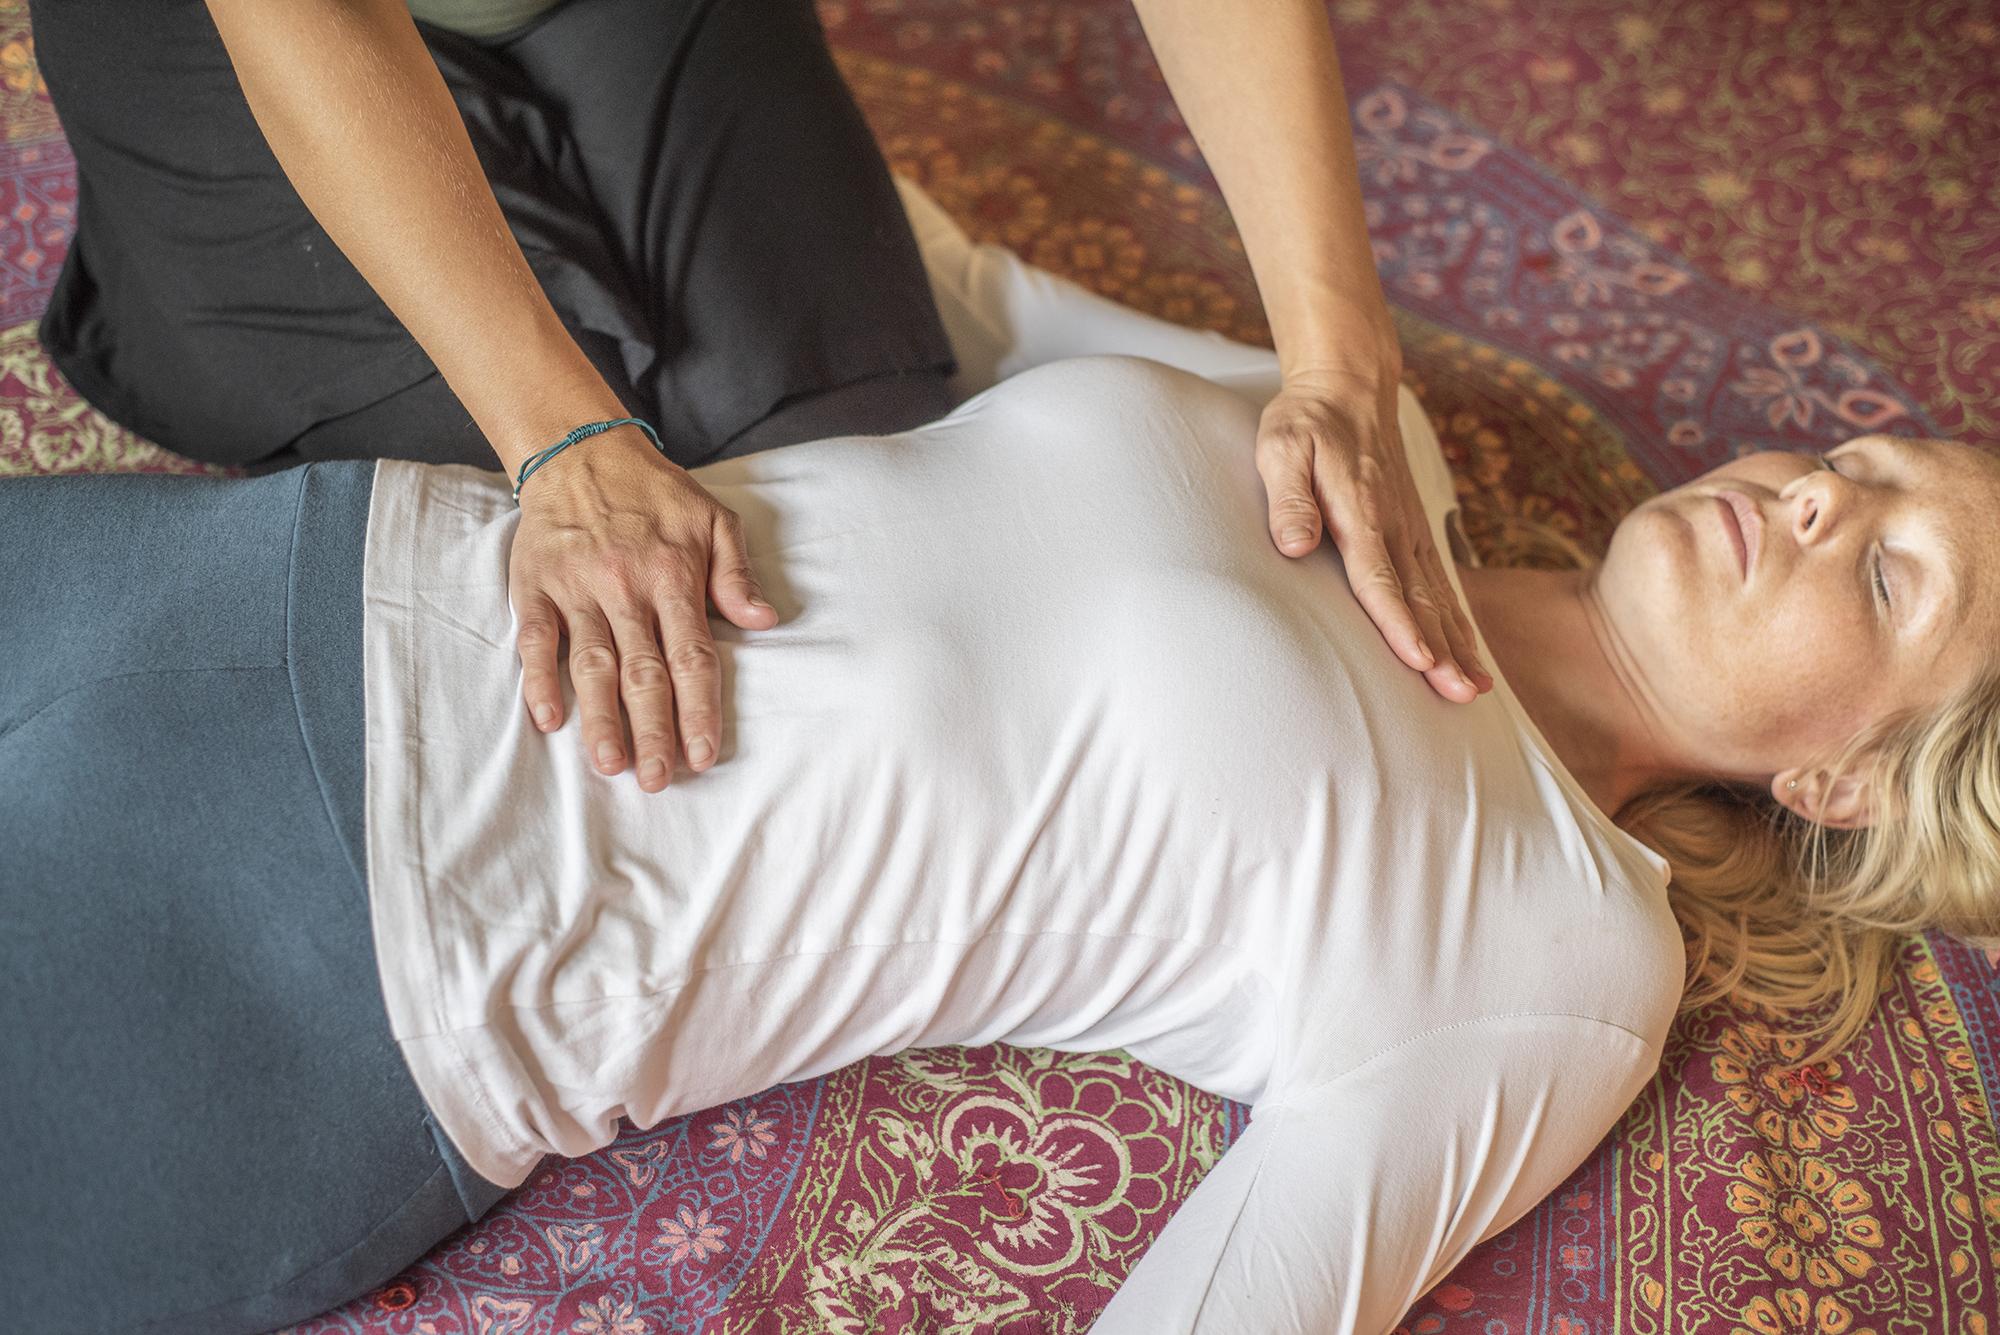 Sarah-thai-massage45.jpg